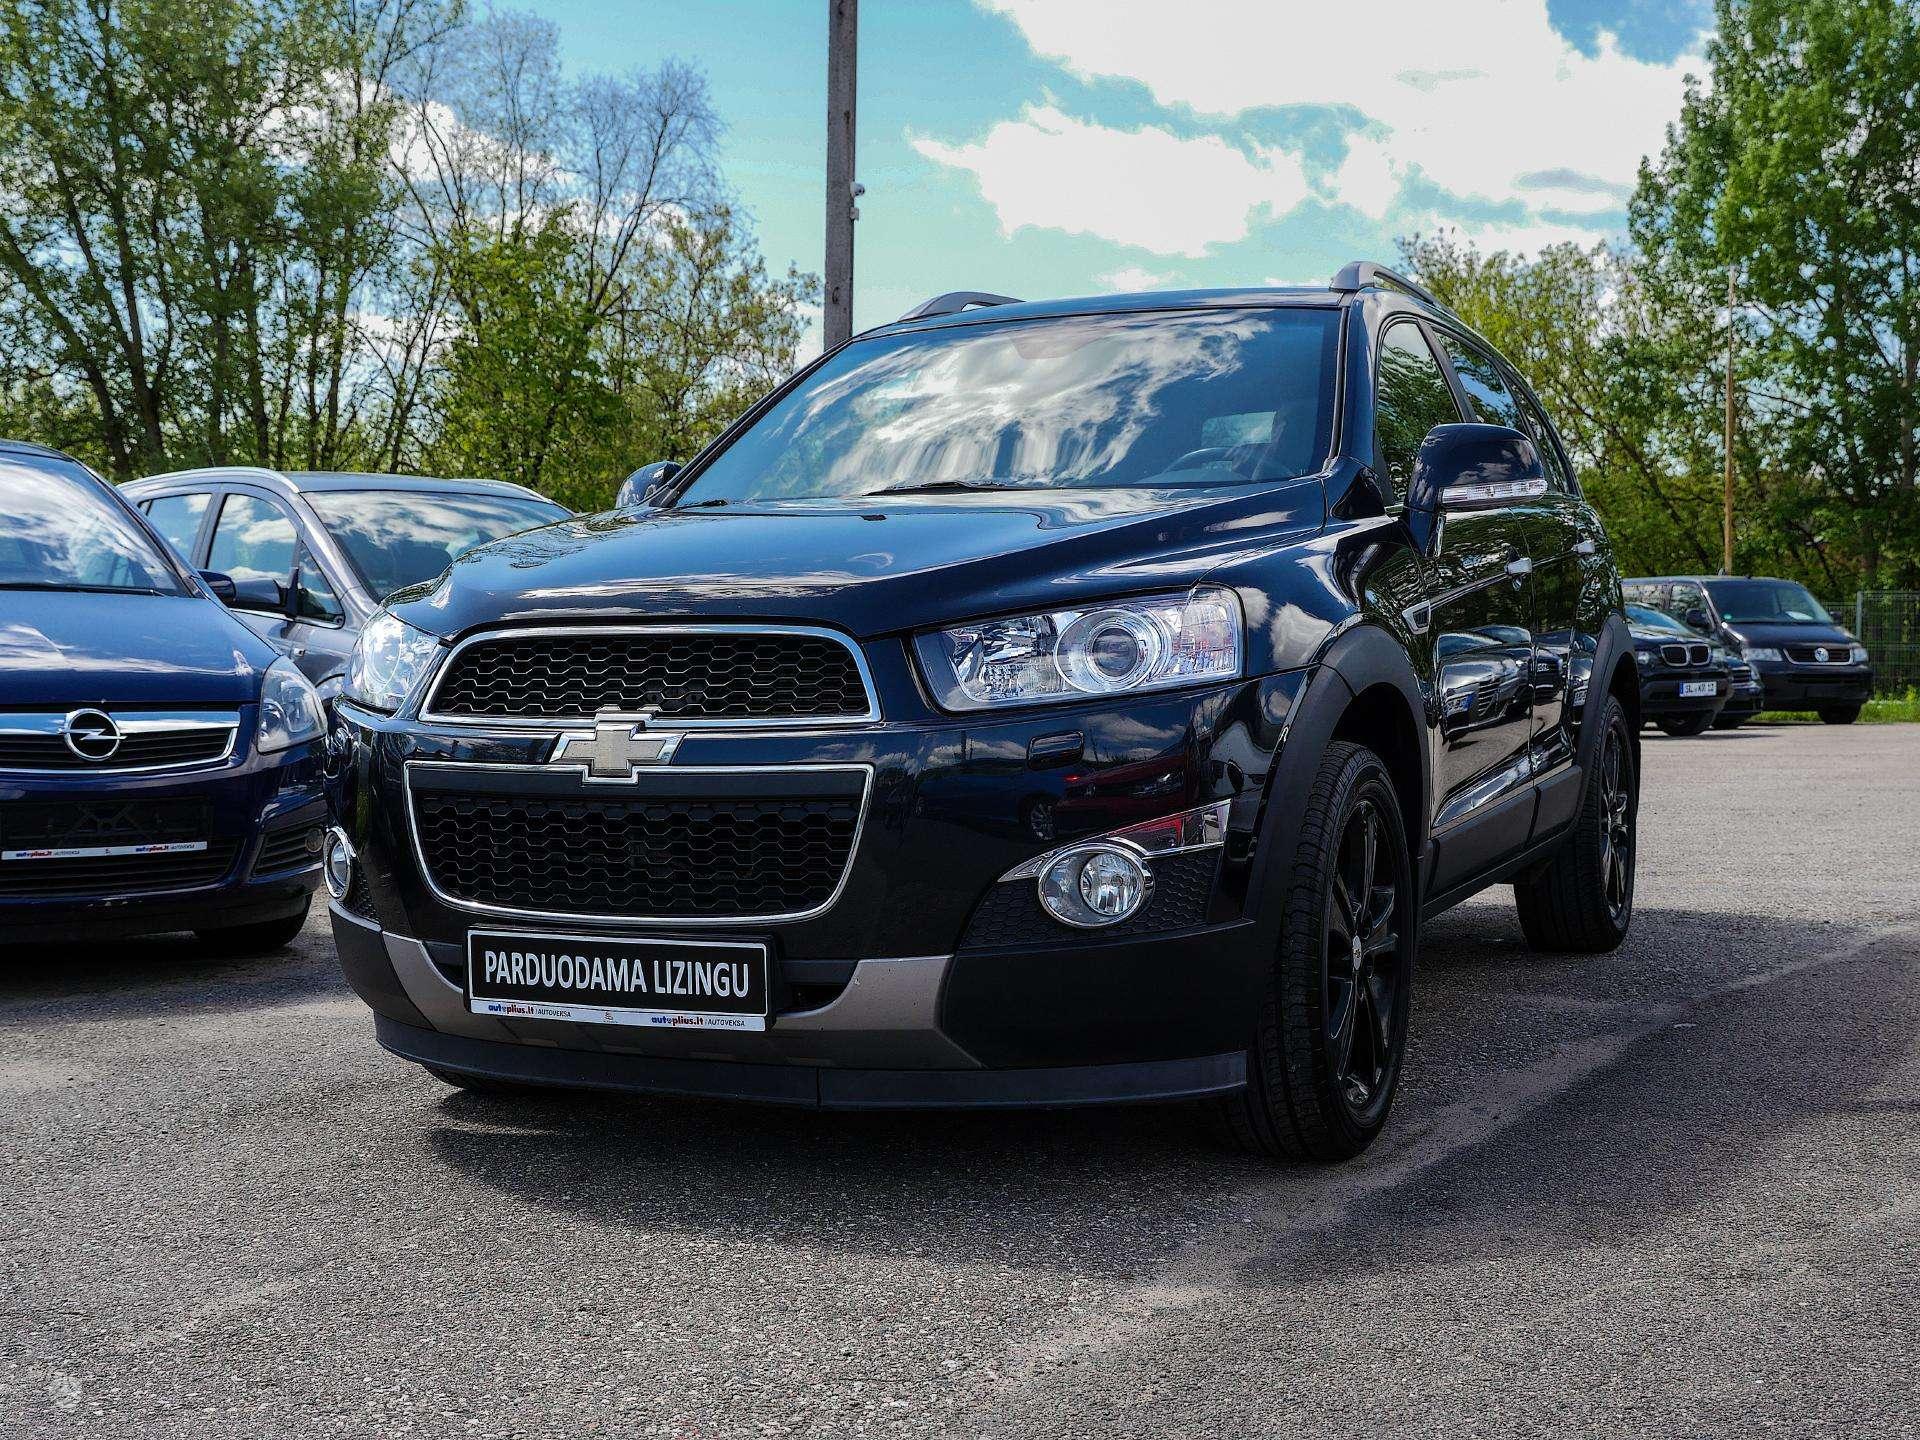 Chevrolet Captiva išsimokėtinai nuo 153Eur/mėn su 3 mėnesių garantija